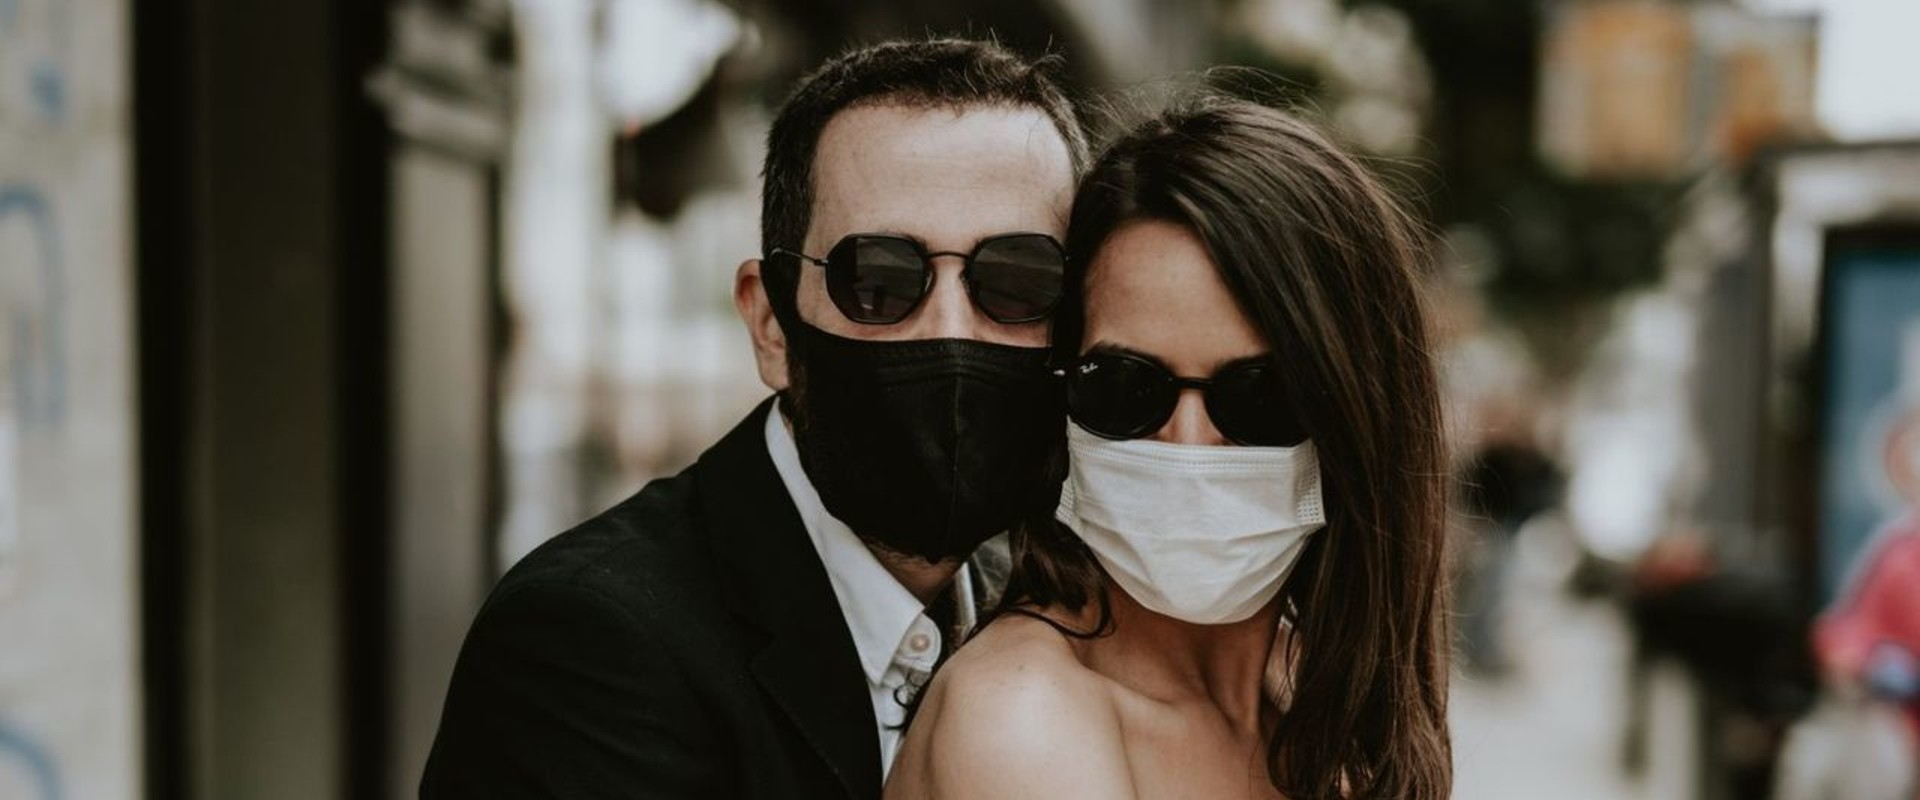 החתונה של רחל ועומר  (צילום: שי אשכנזי)